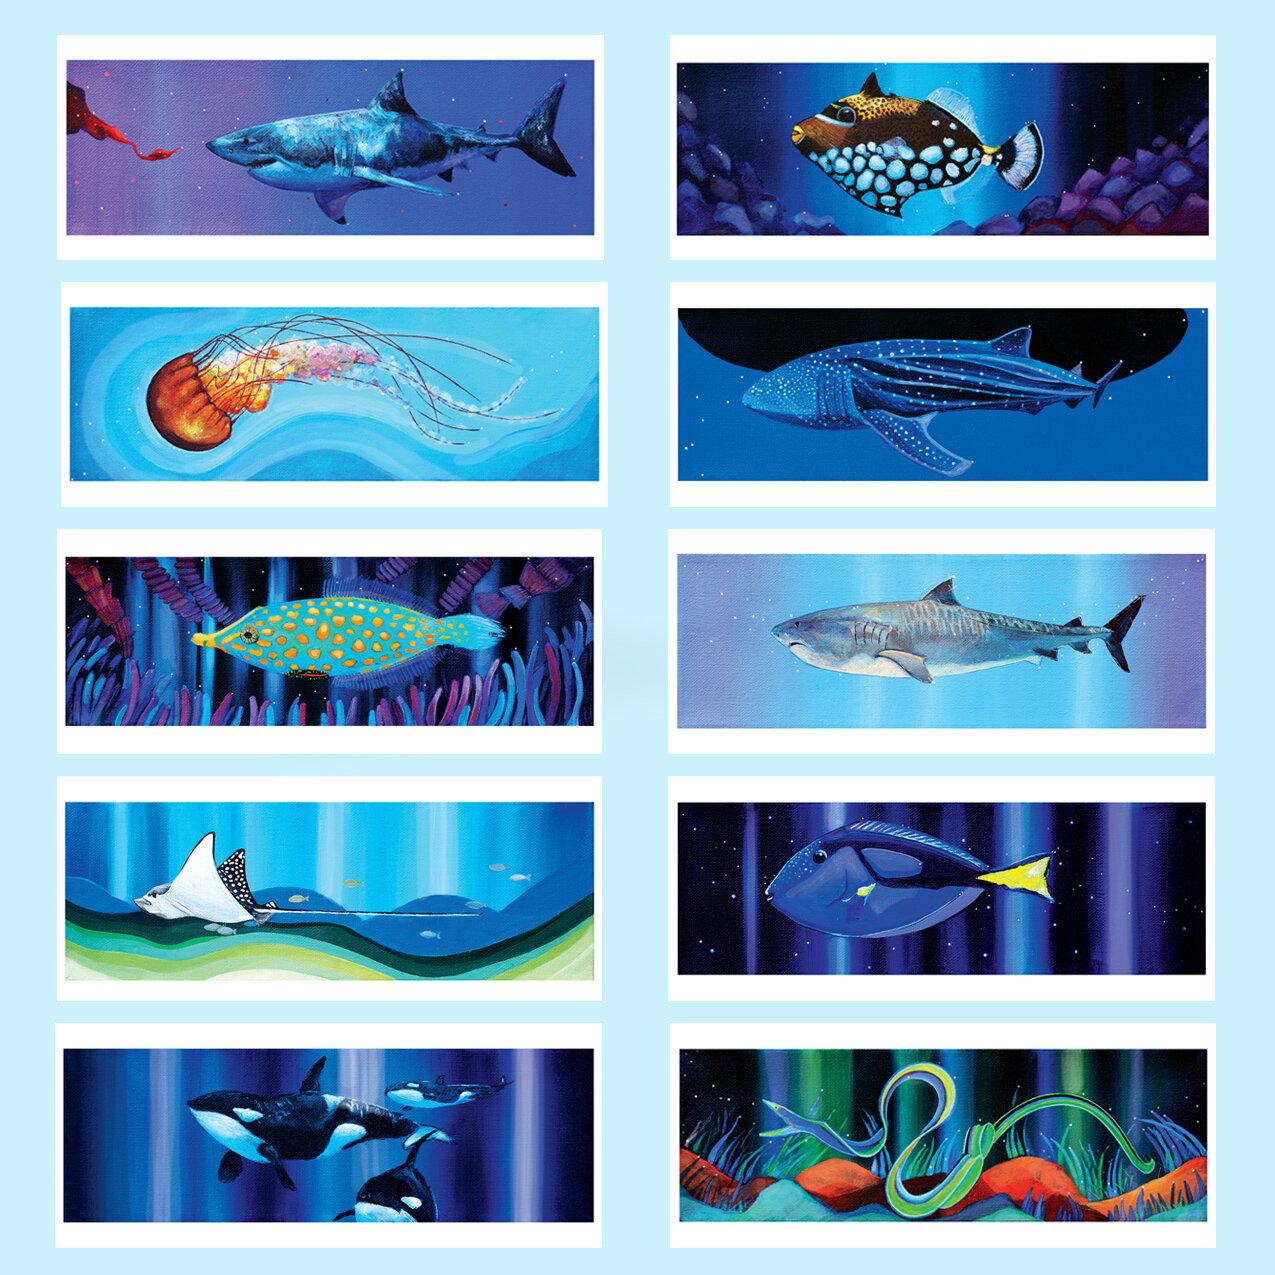 Meehan_Jessie_Sea Life Series.jpg